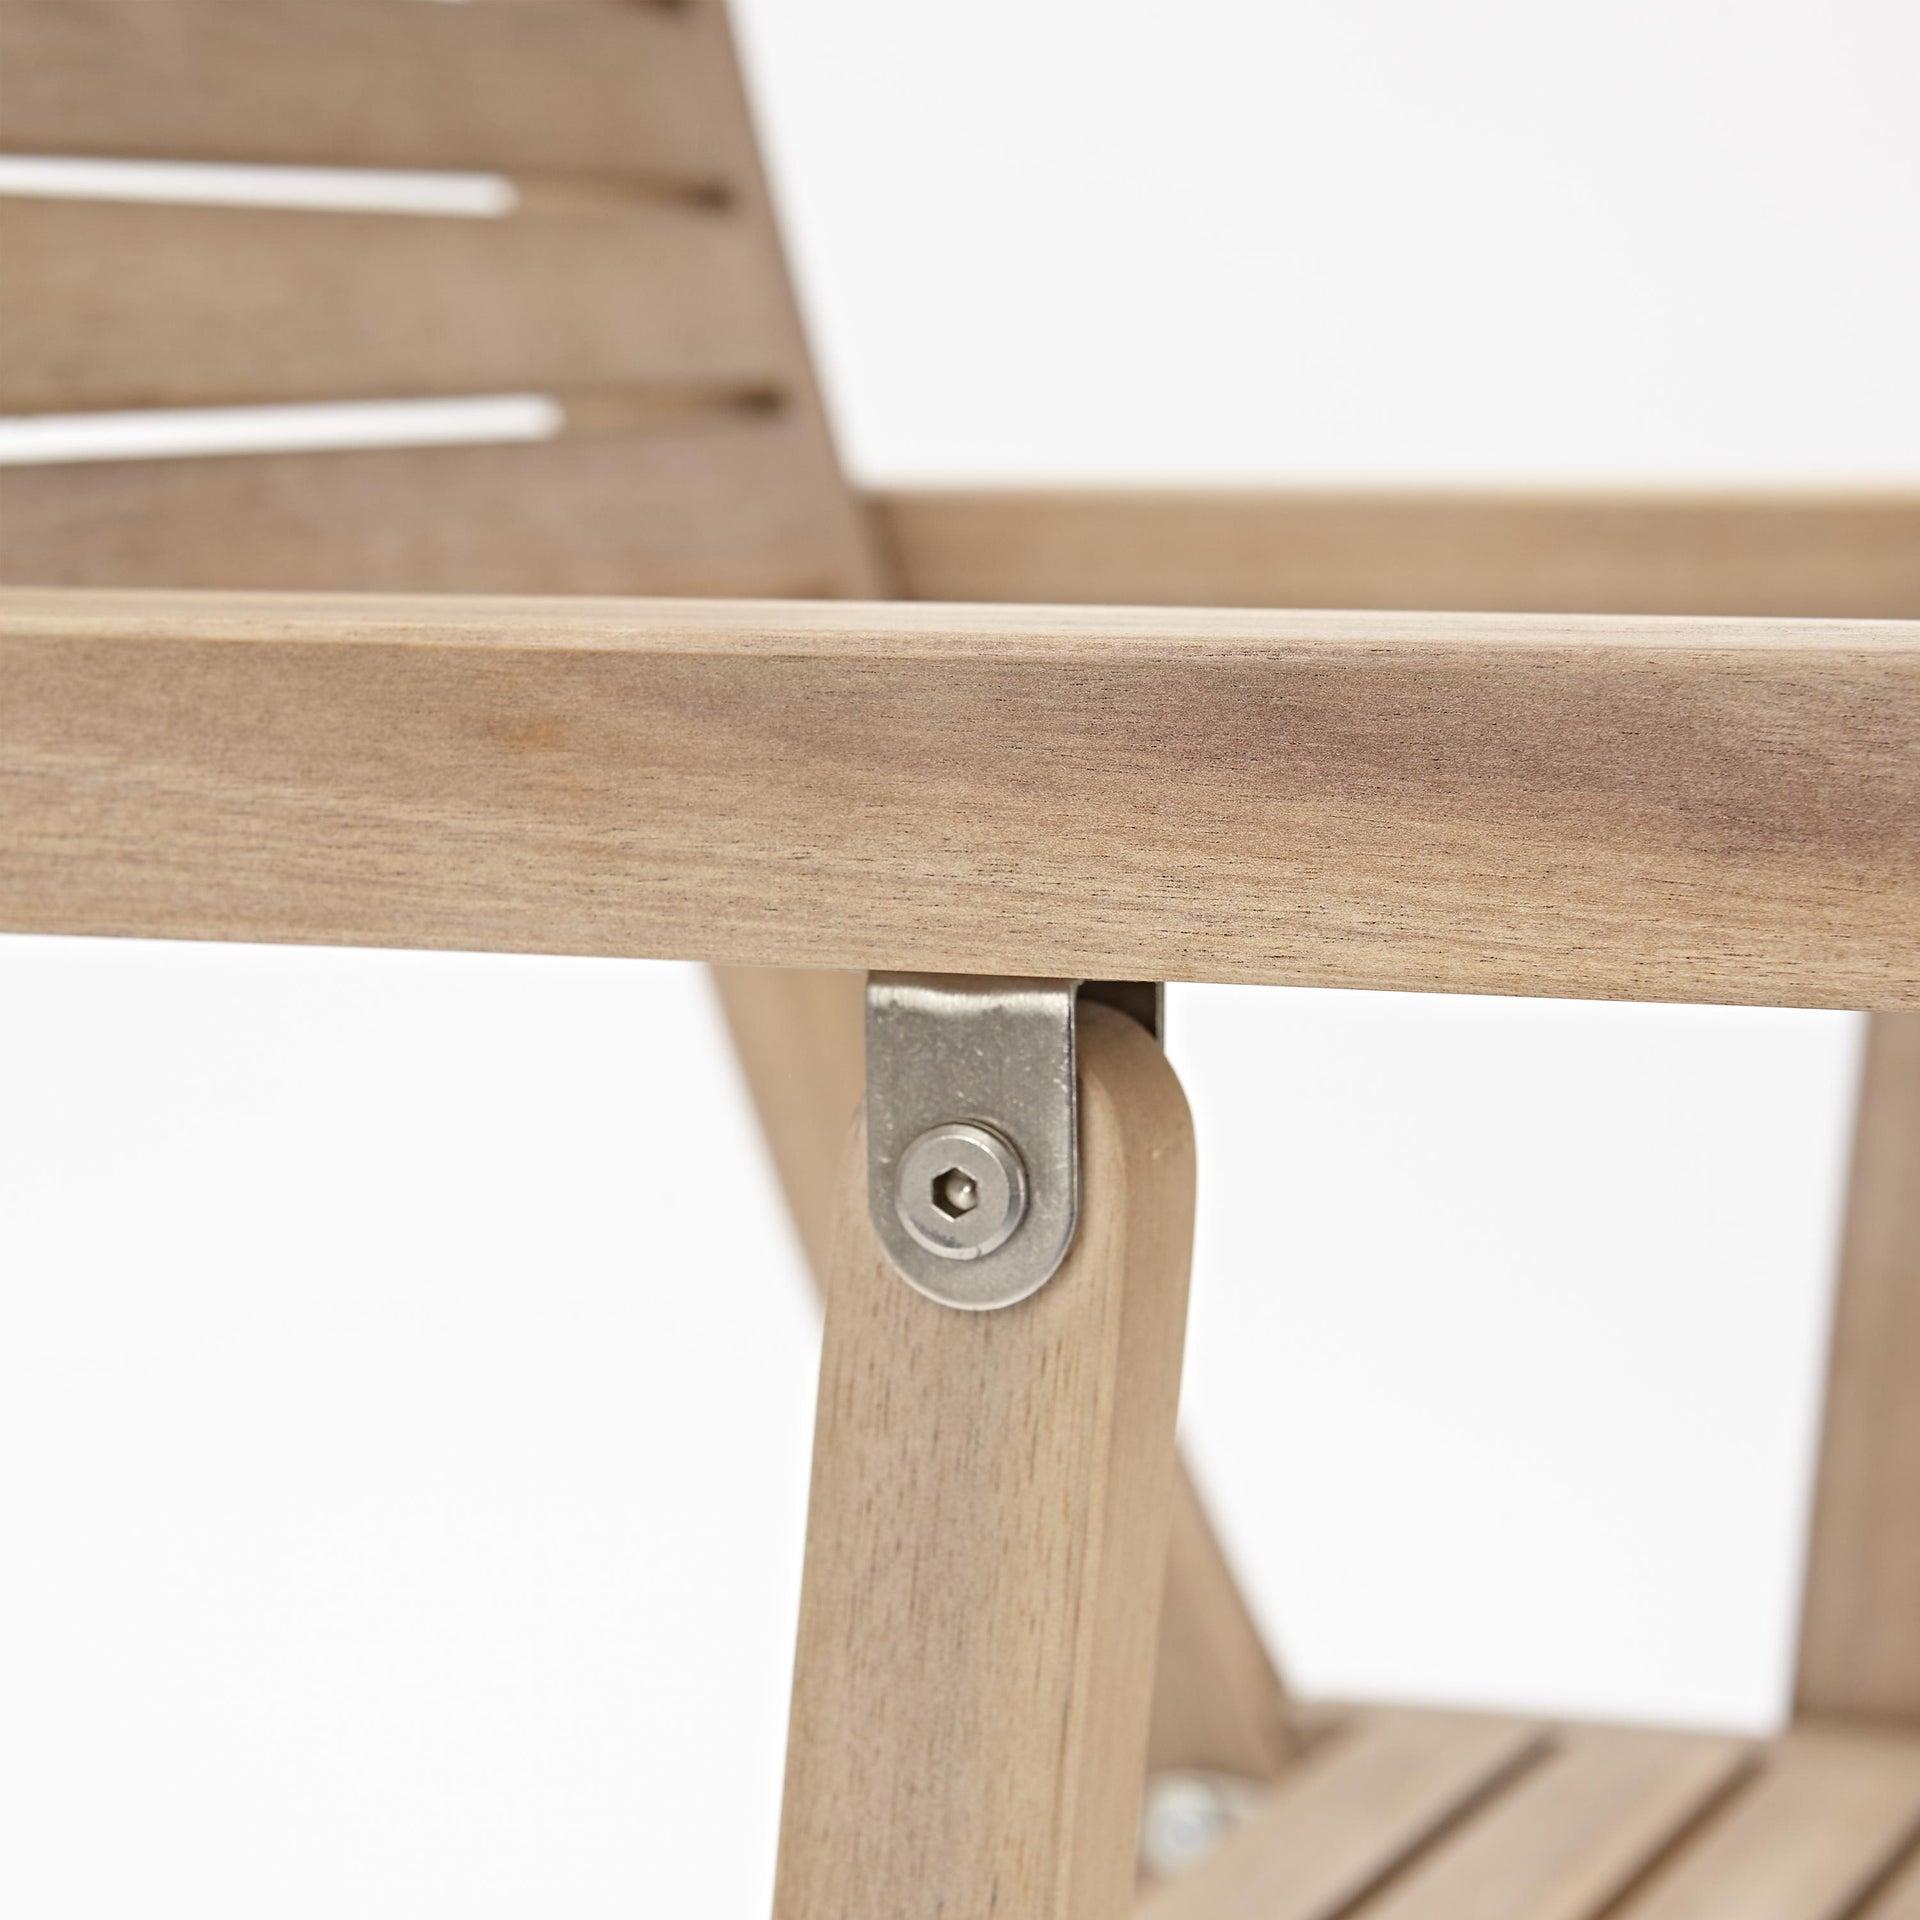 Sedia con braccioli senza cuscino pieghevole in legno Solaris NATERIAL colore acacia - 5